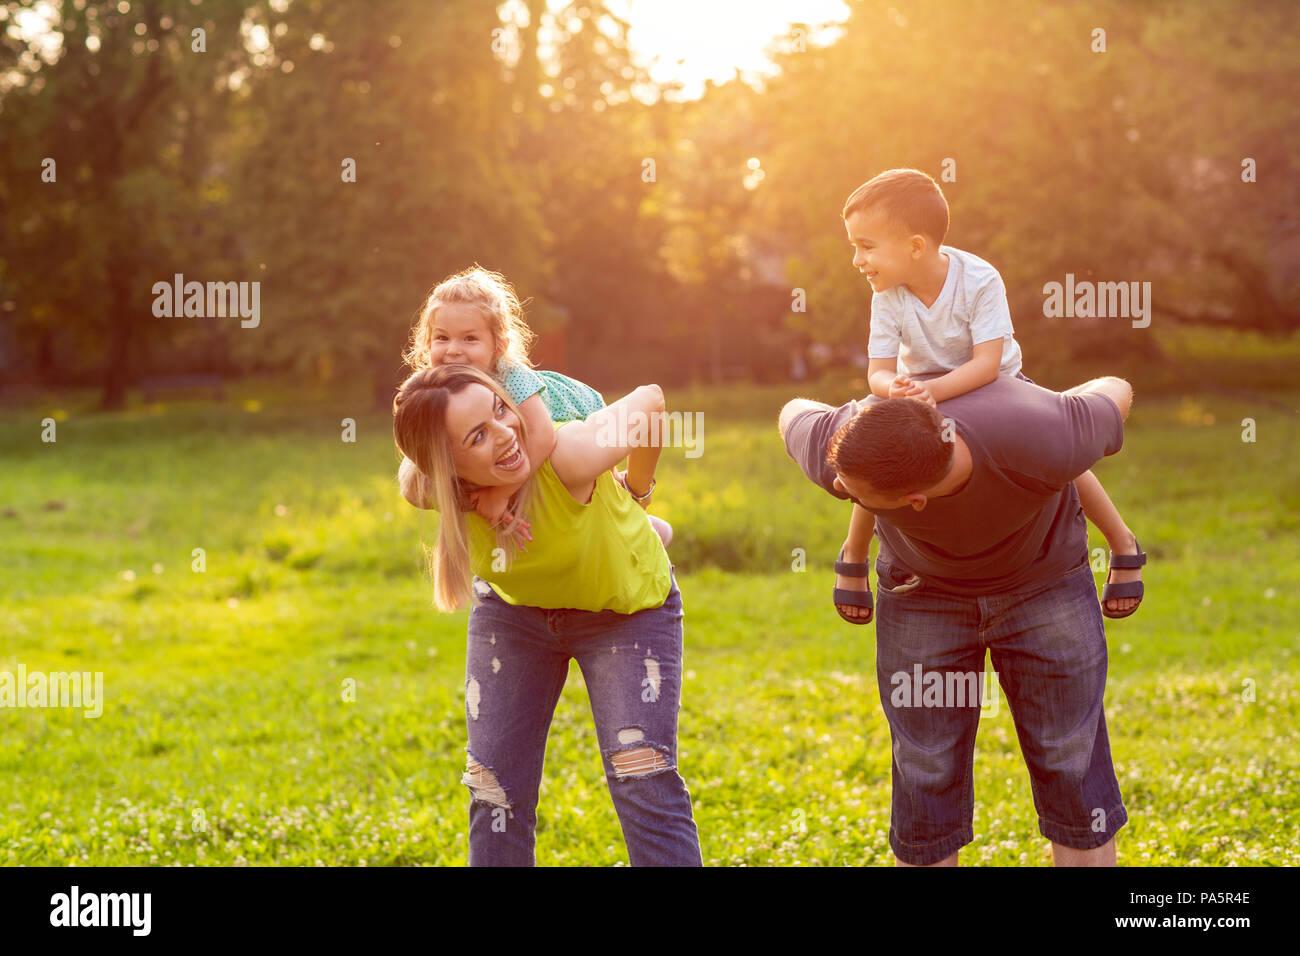 Familie, Glück, Kindheit und Personen Konzept - Glückliche Eltern geben piggyback Ride für Kinder Stockbild